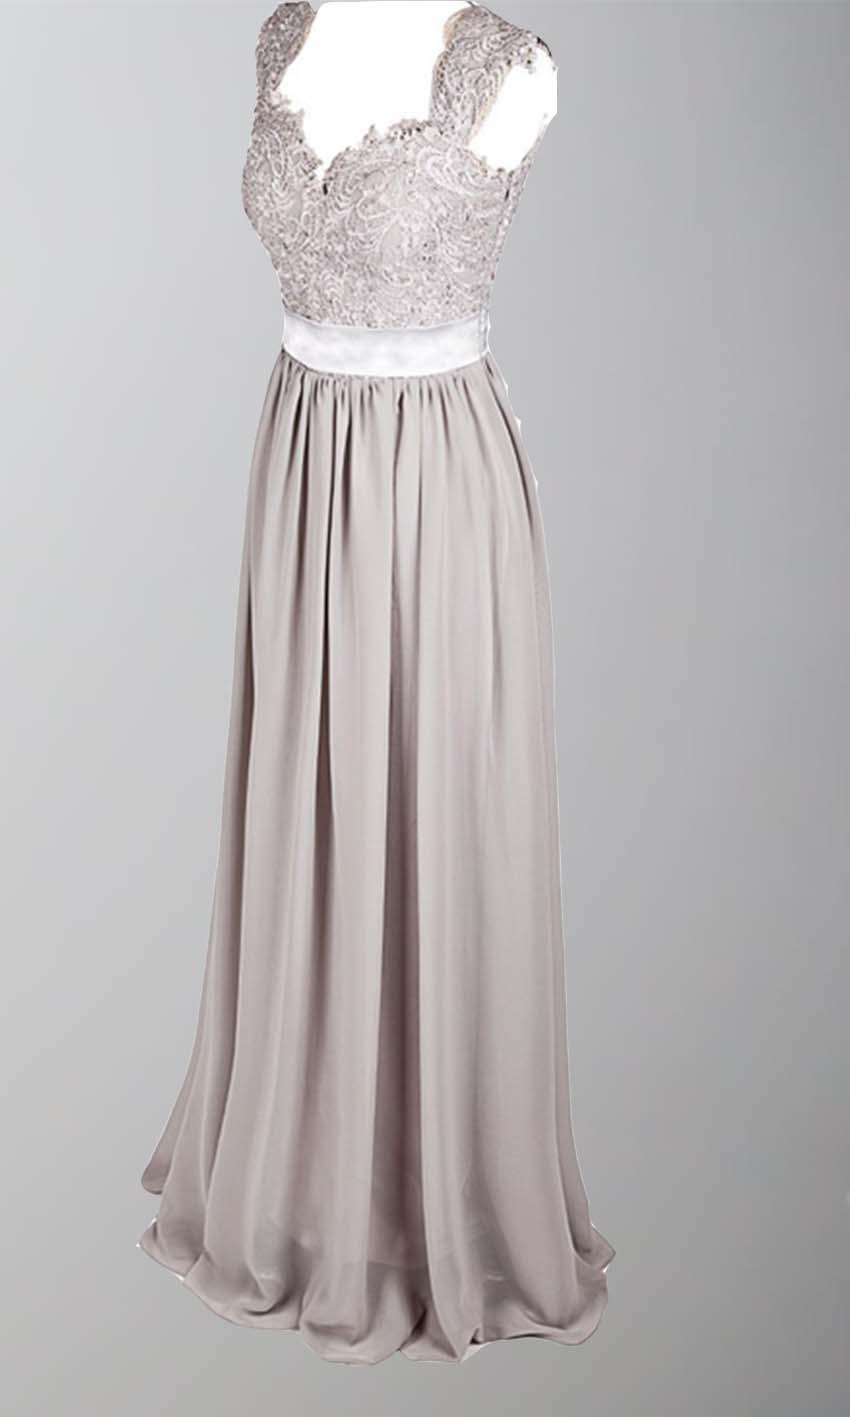 Gray Lace Cap Sleeves Long Bridesmaid Dresses KSP385 [KSP385 ...